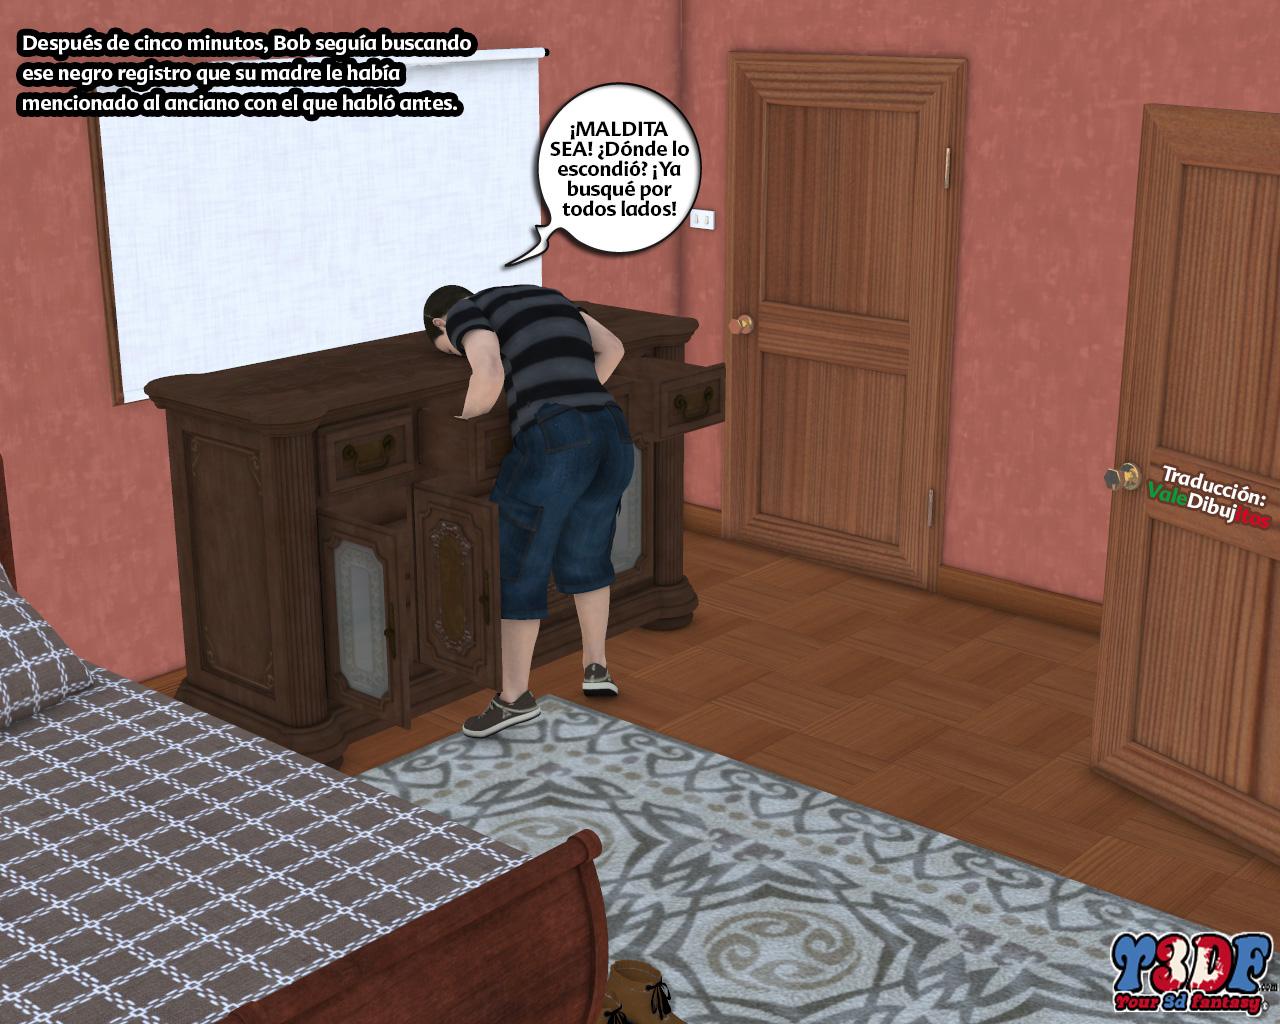 Prostitute zumba